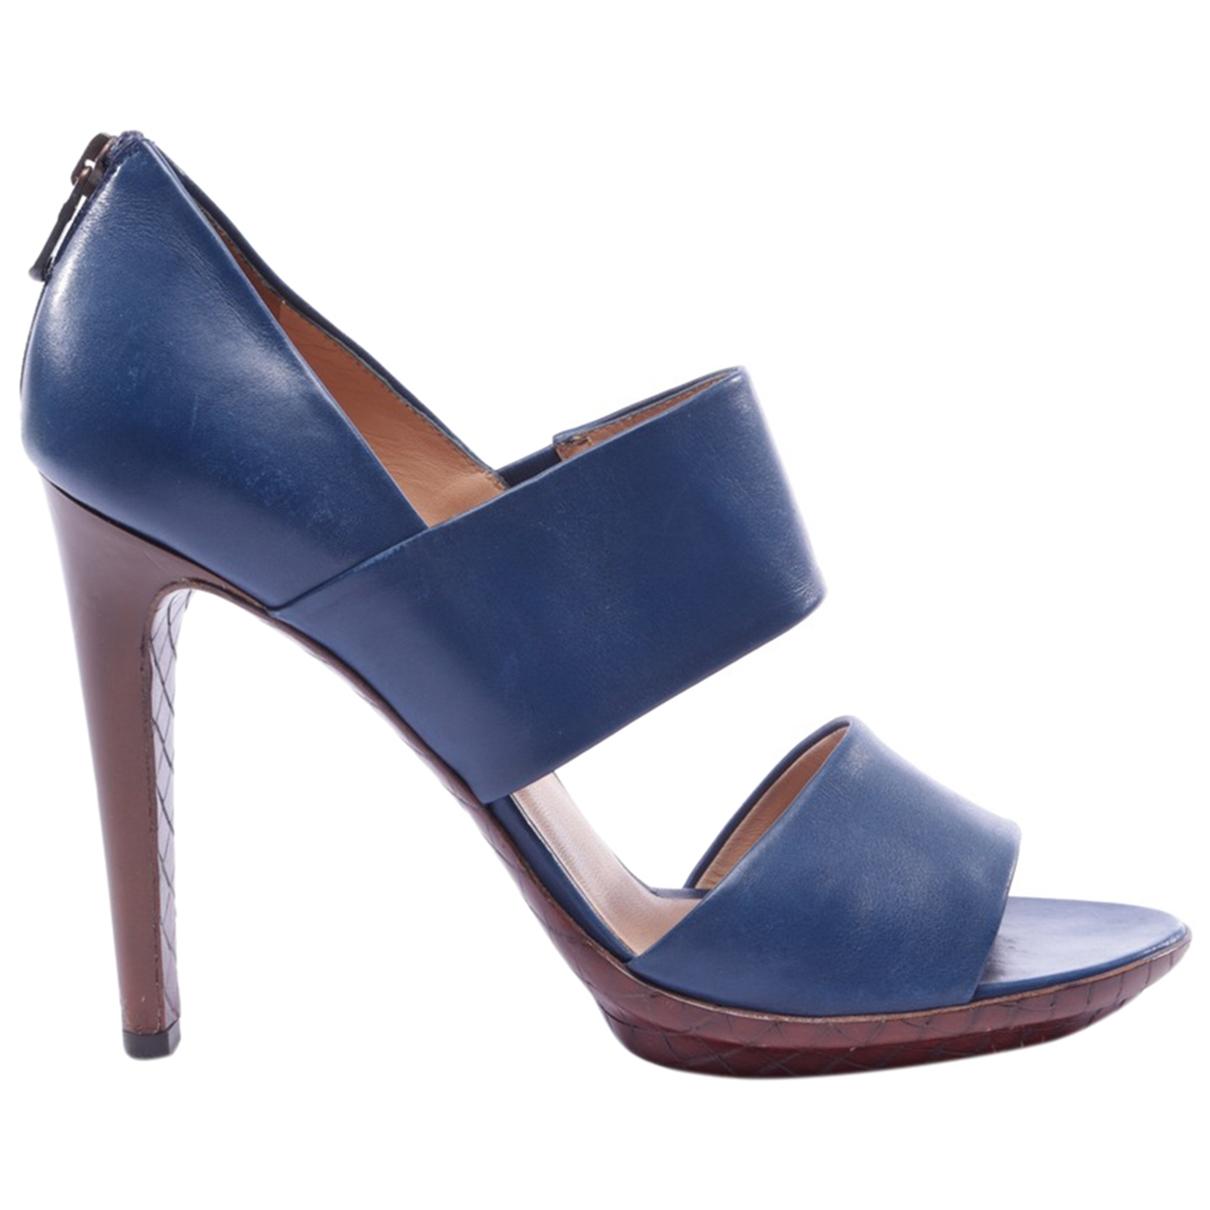 Bottega Veneta \N Blue Leather Heels for Women 39.5 EU